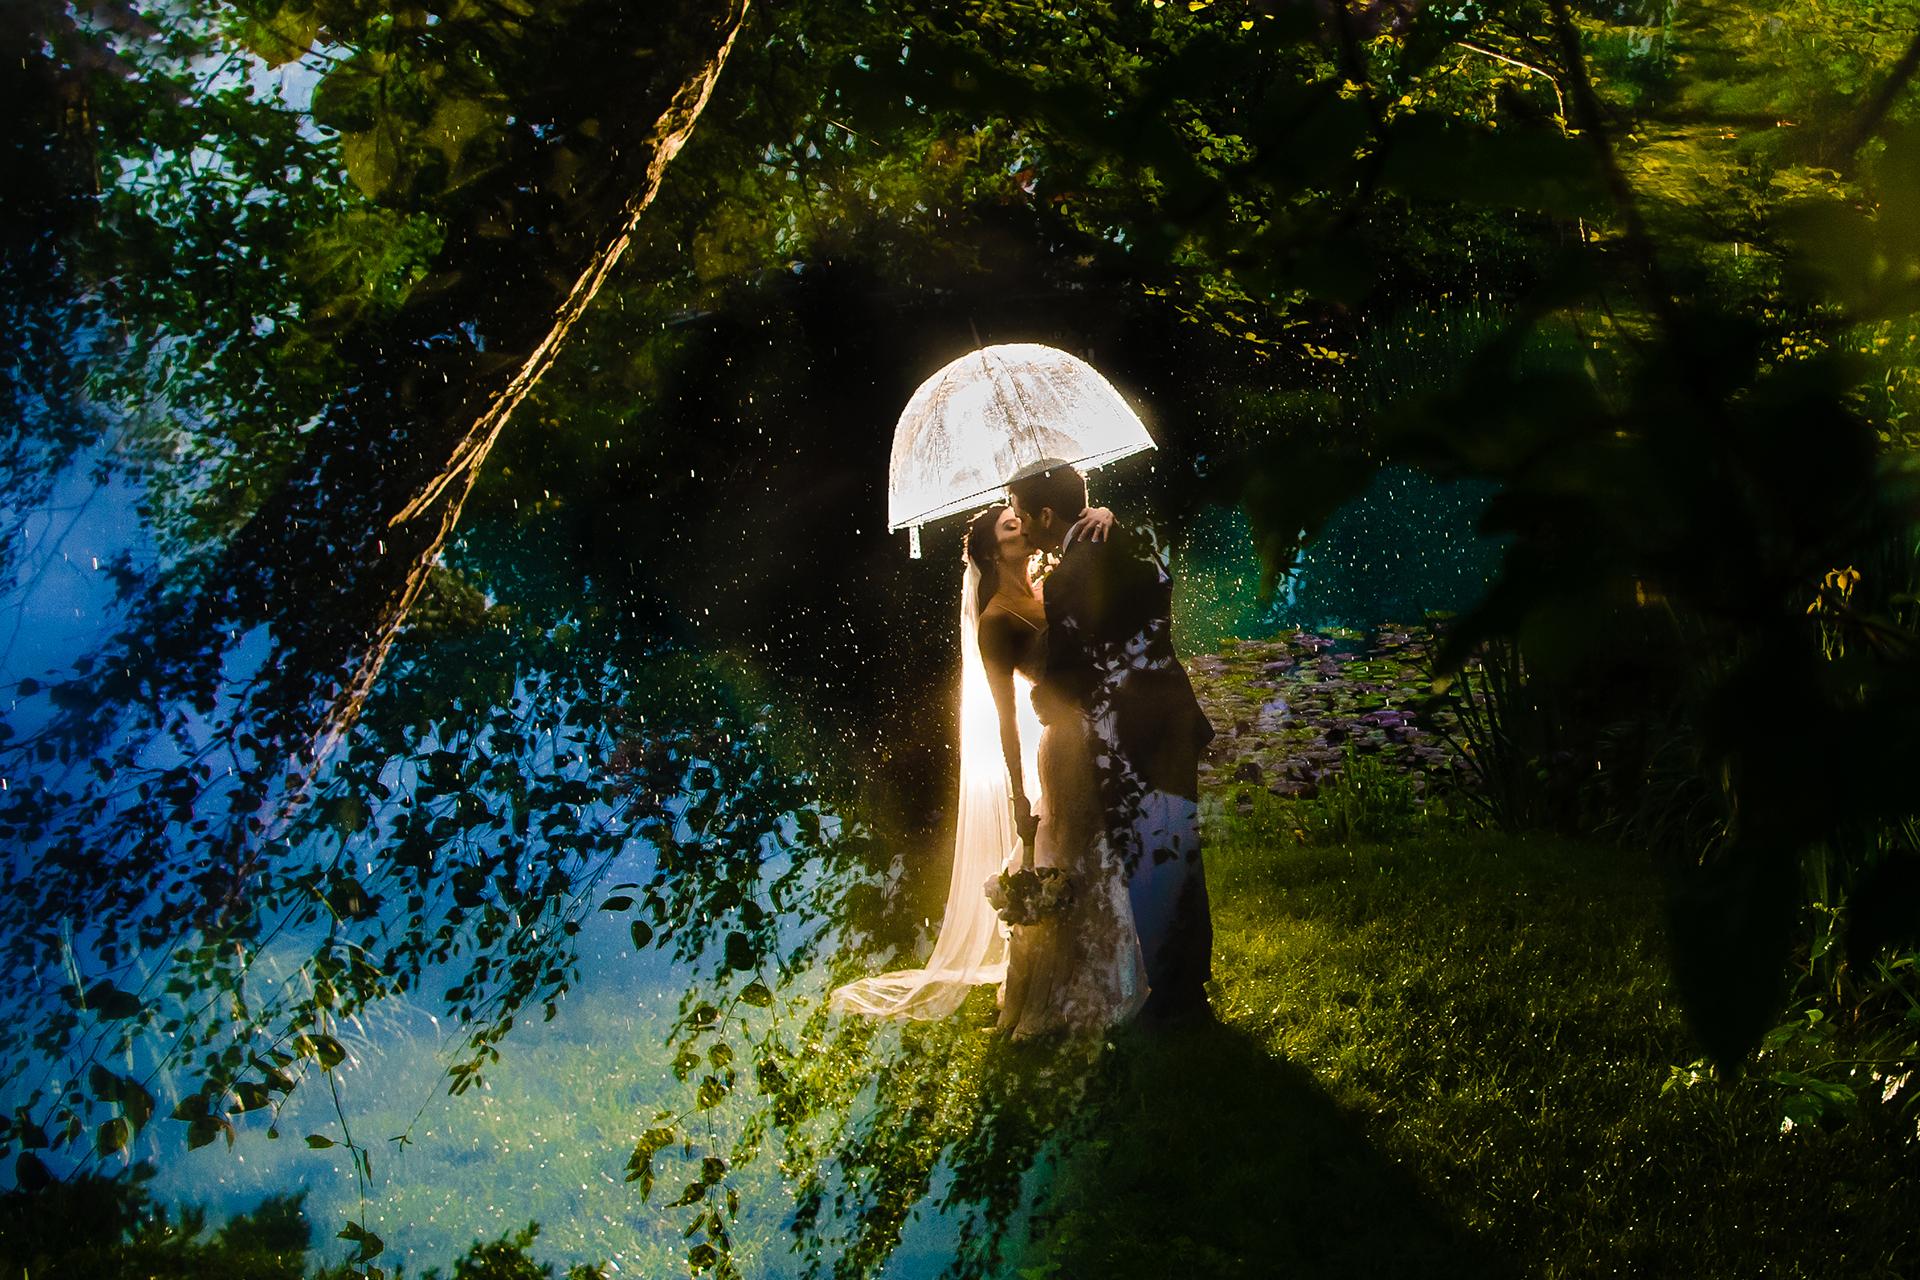 Fotograaf had een goed idee voor dit bruidspaarportret onder regenparaplu.